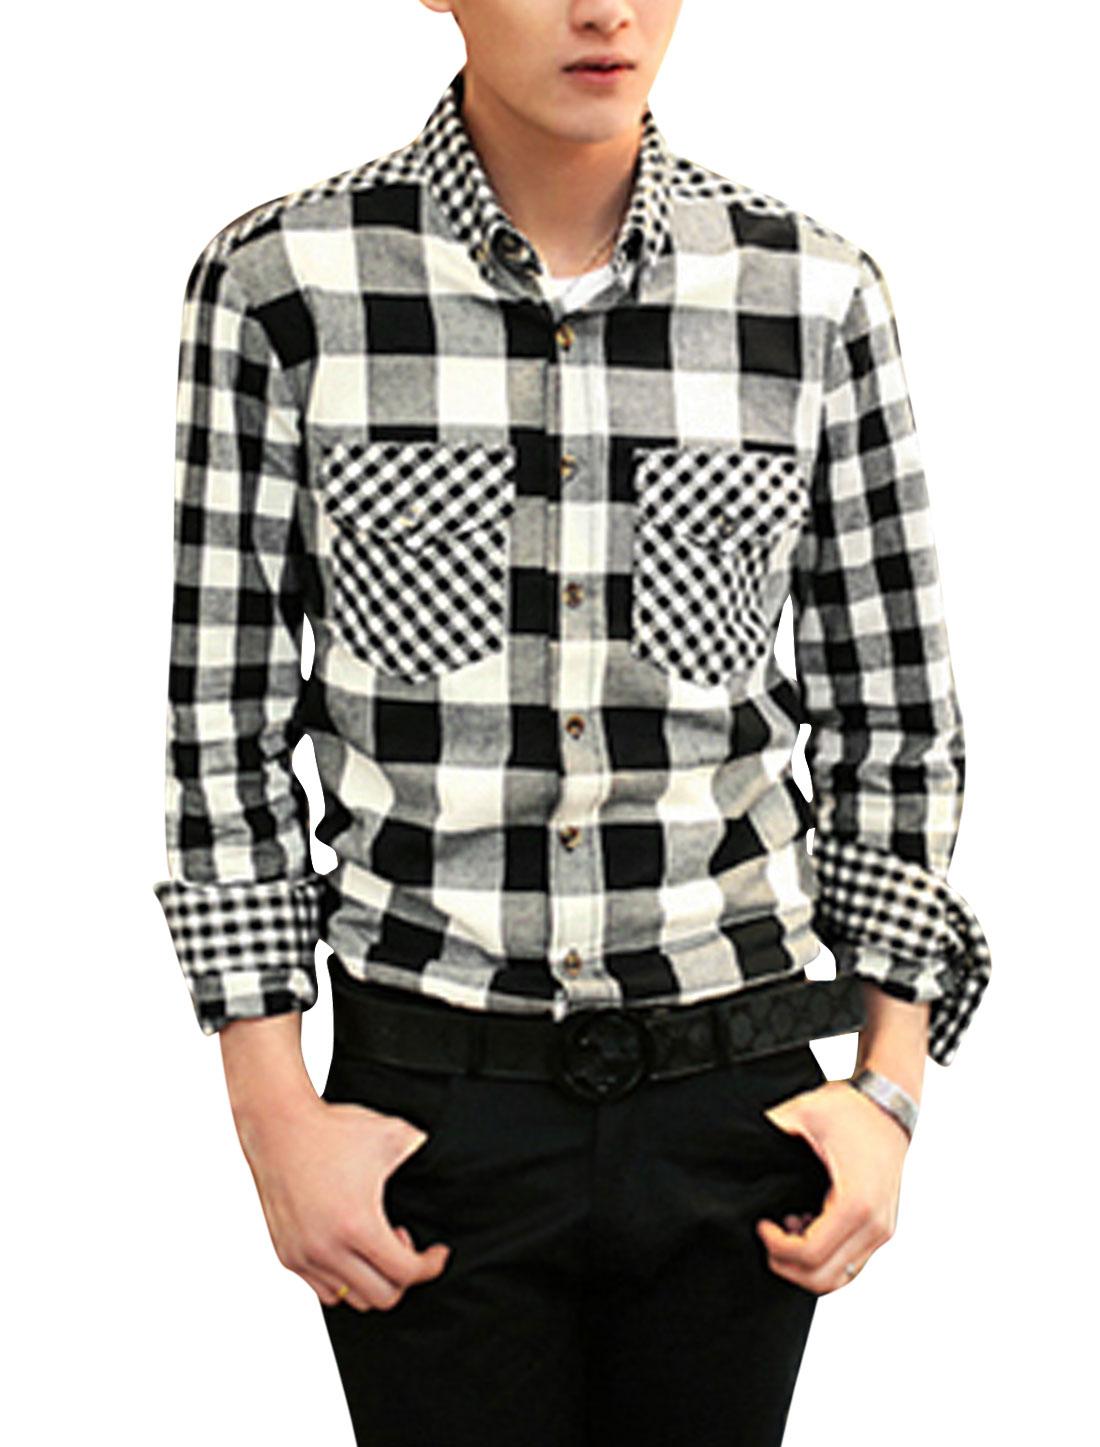 Men Leisure Check Pattern Flap Chest Pocket Contrast Color Shirt Black White M